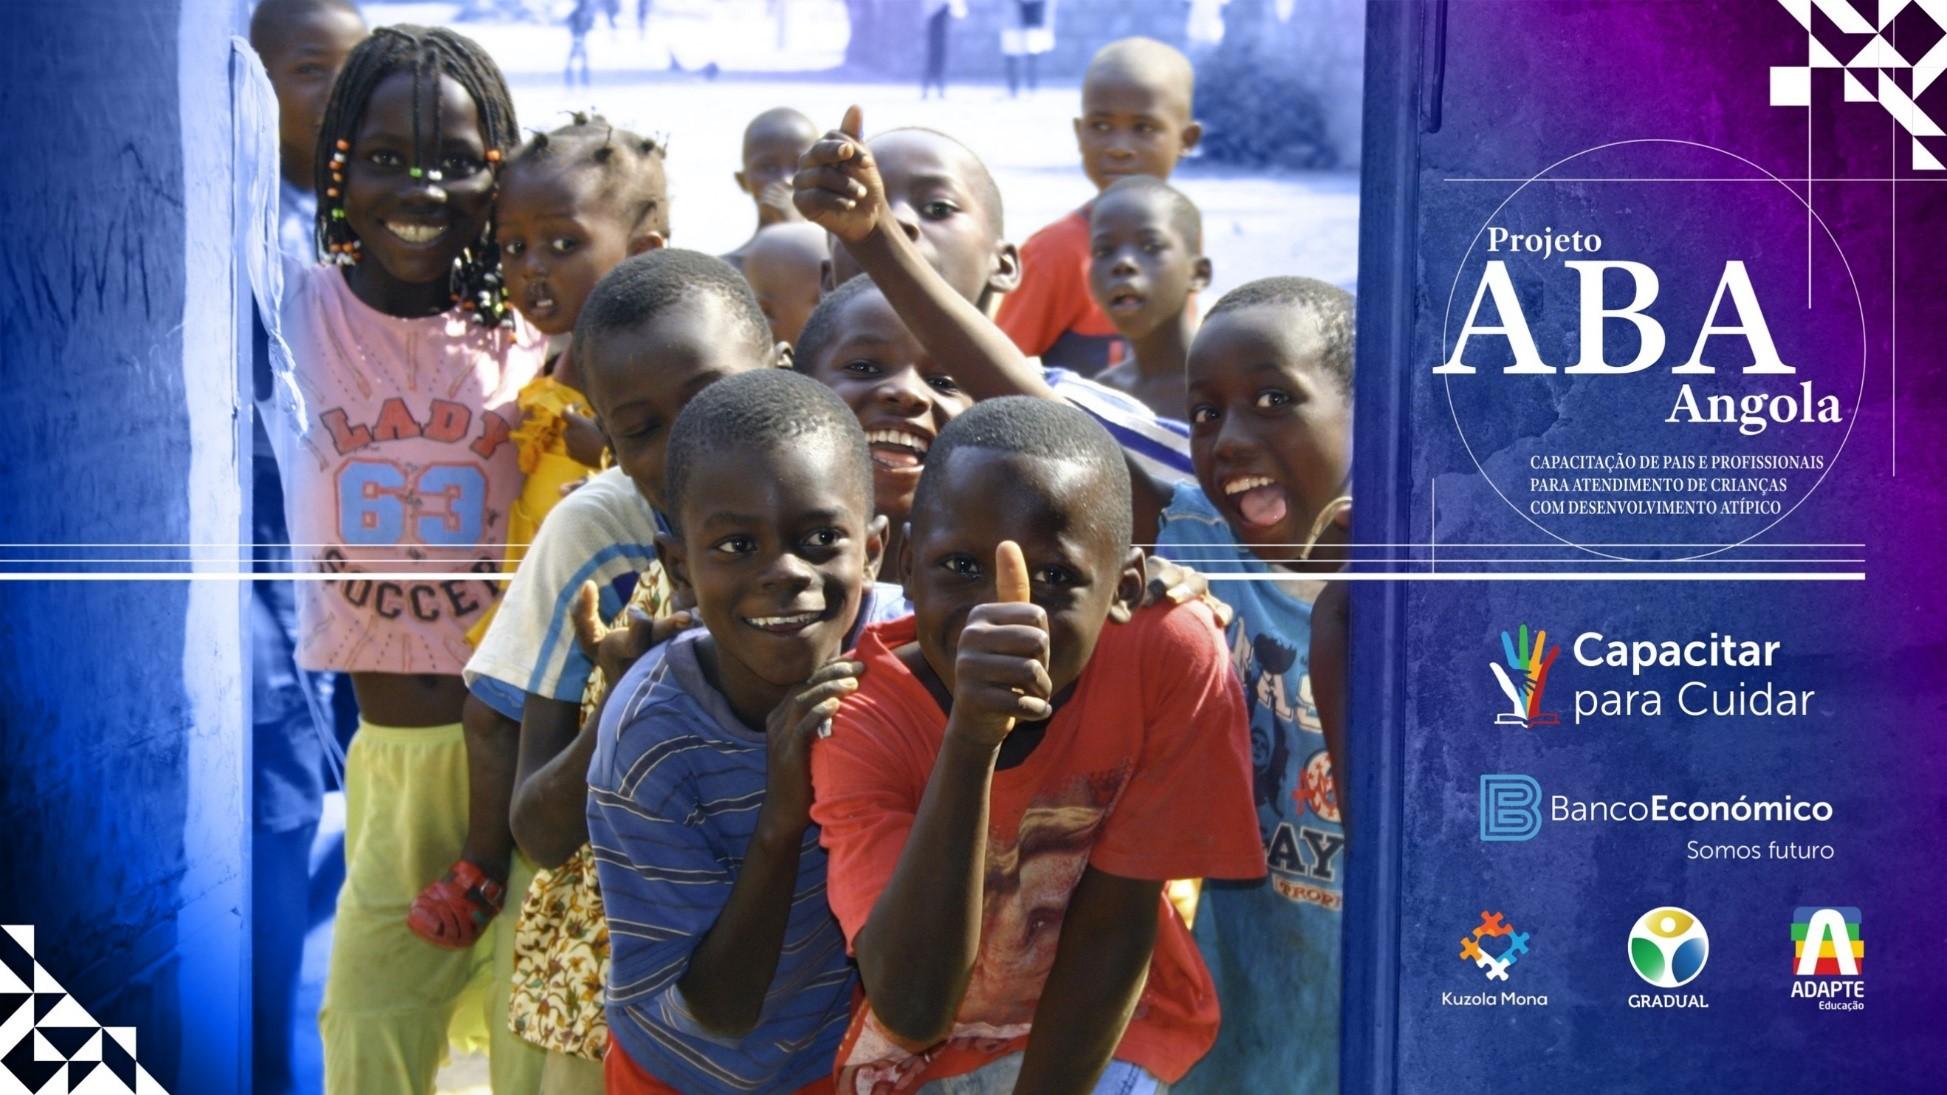 Projecto vai capacitar profissionais no tratamento de crianças com autismo